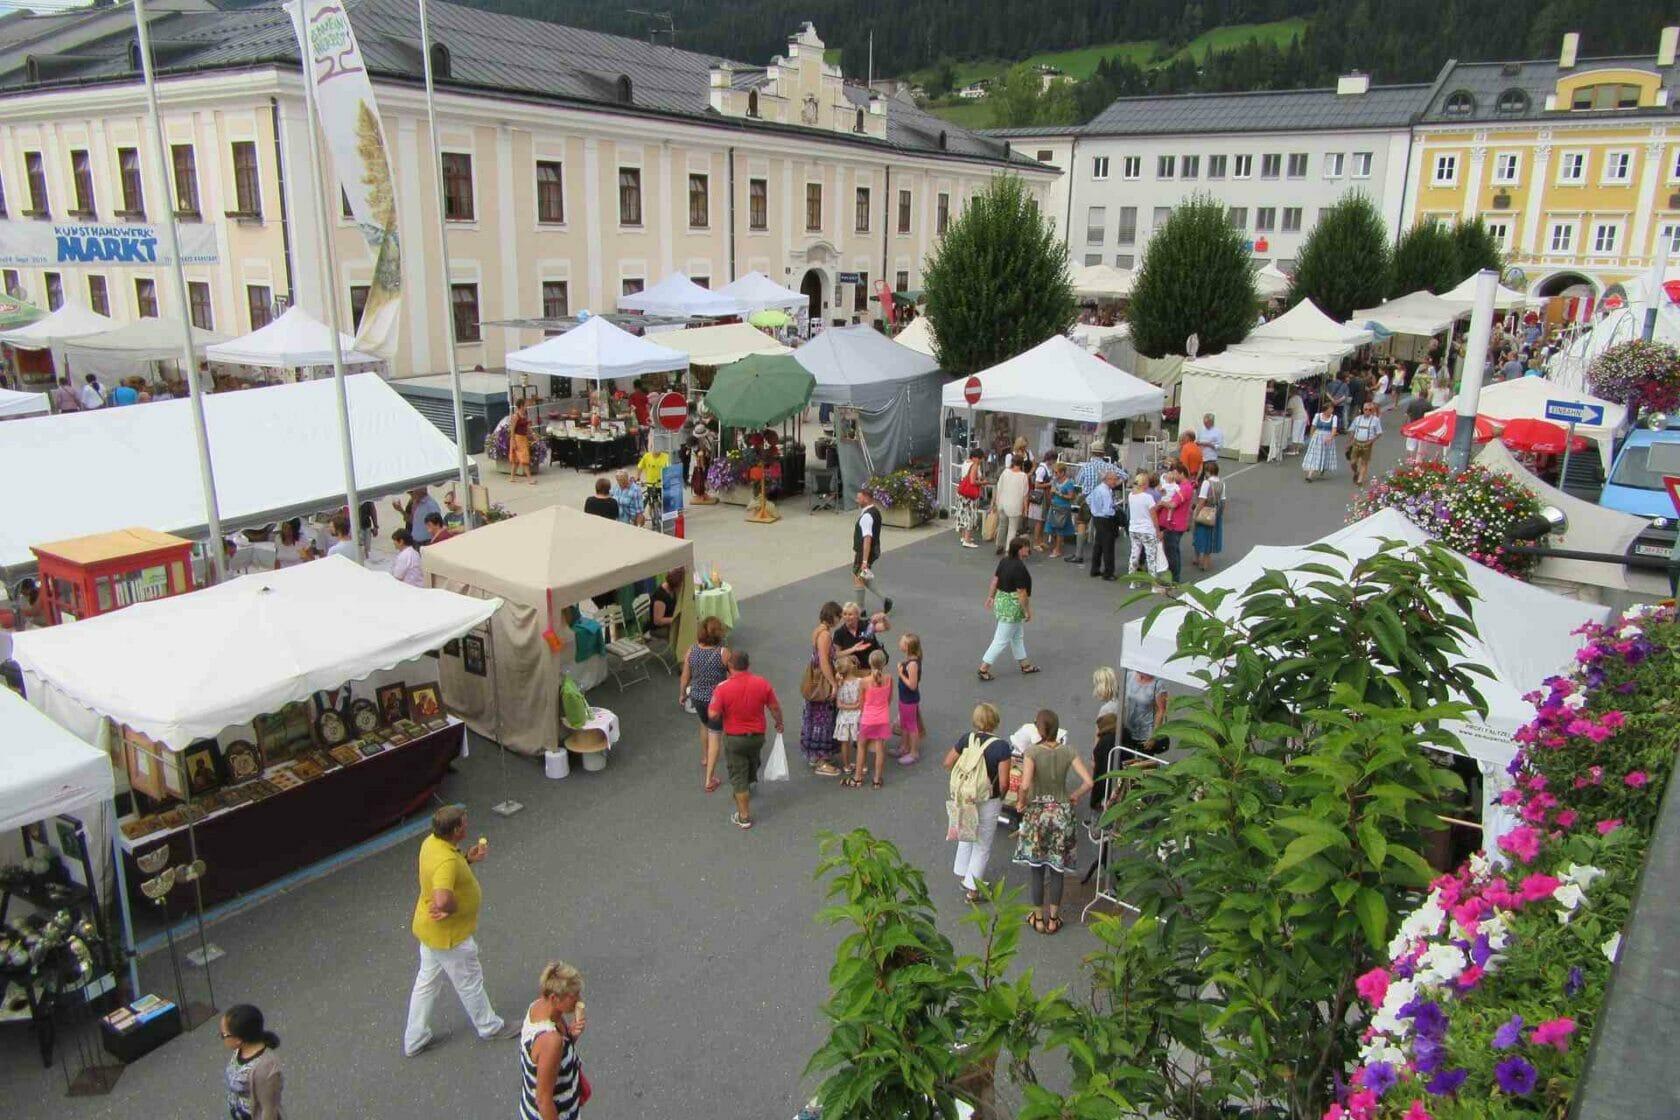 Kunsthandwerksmarkt in Radstadt